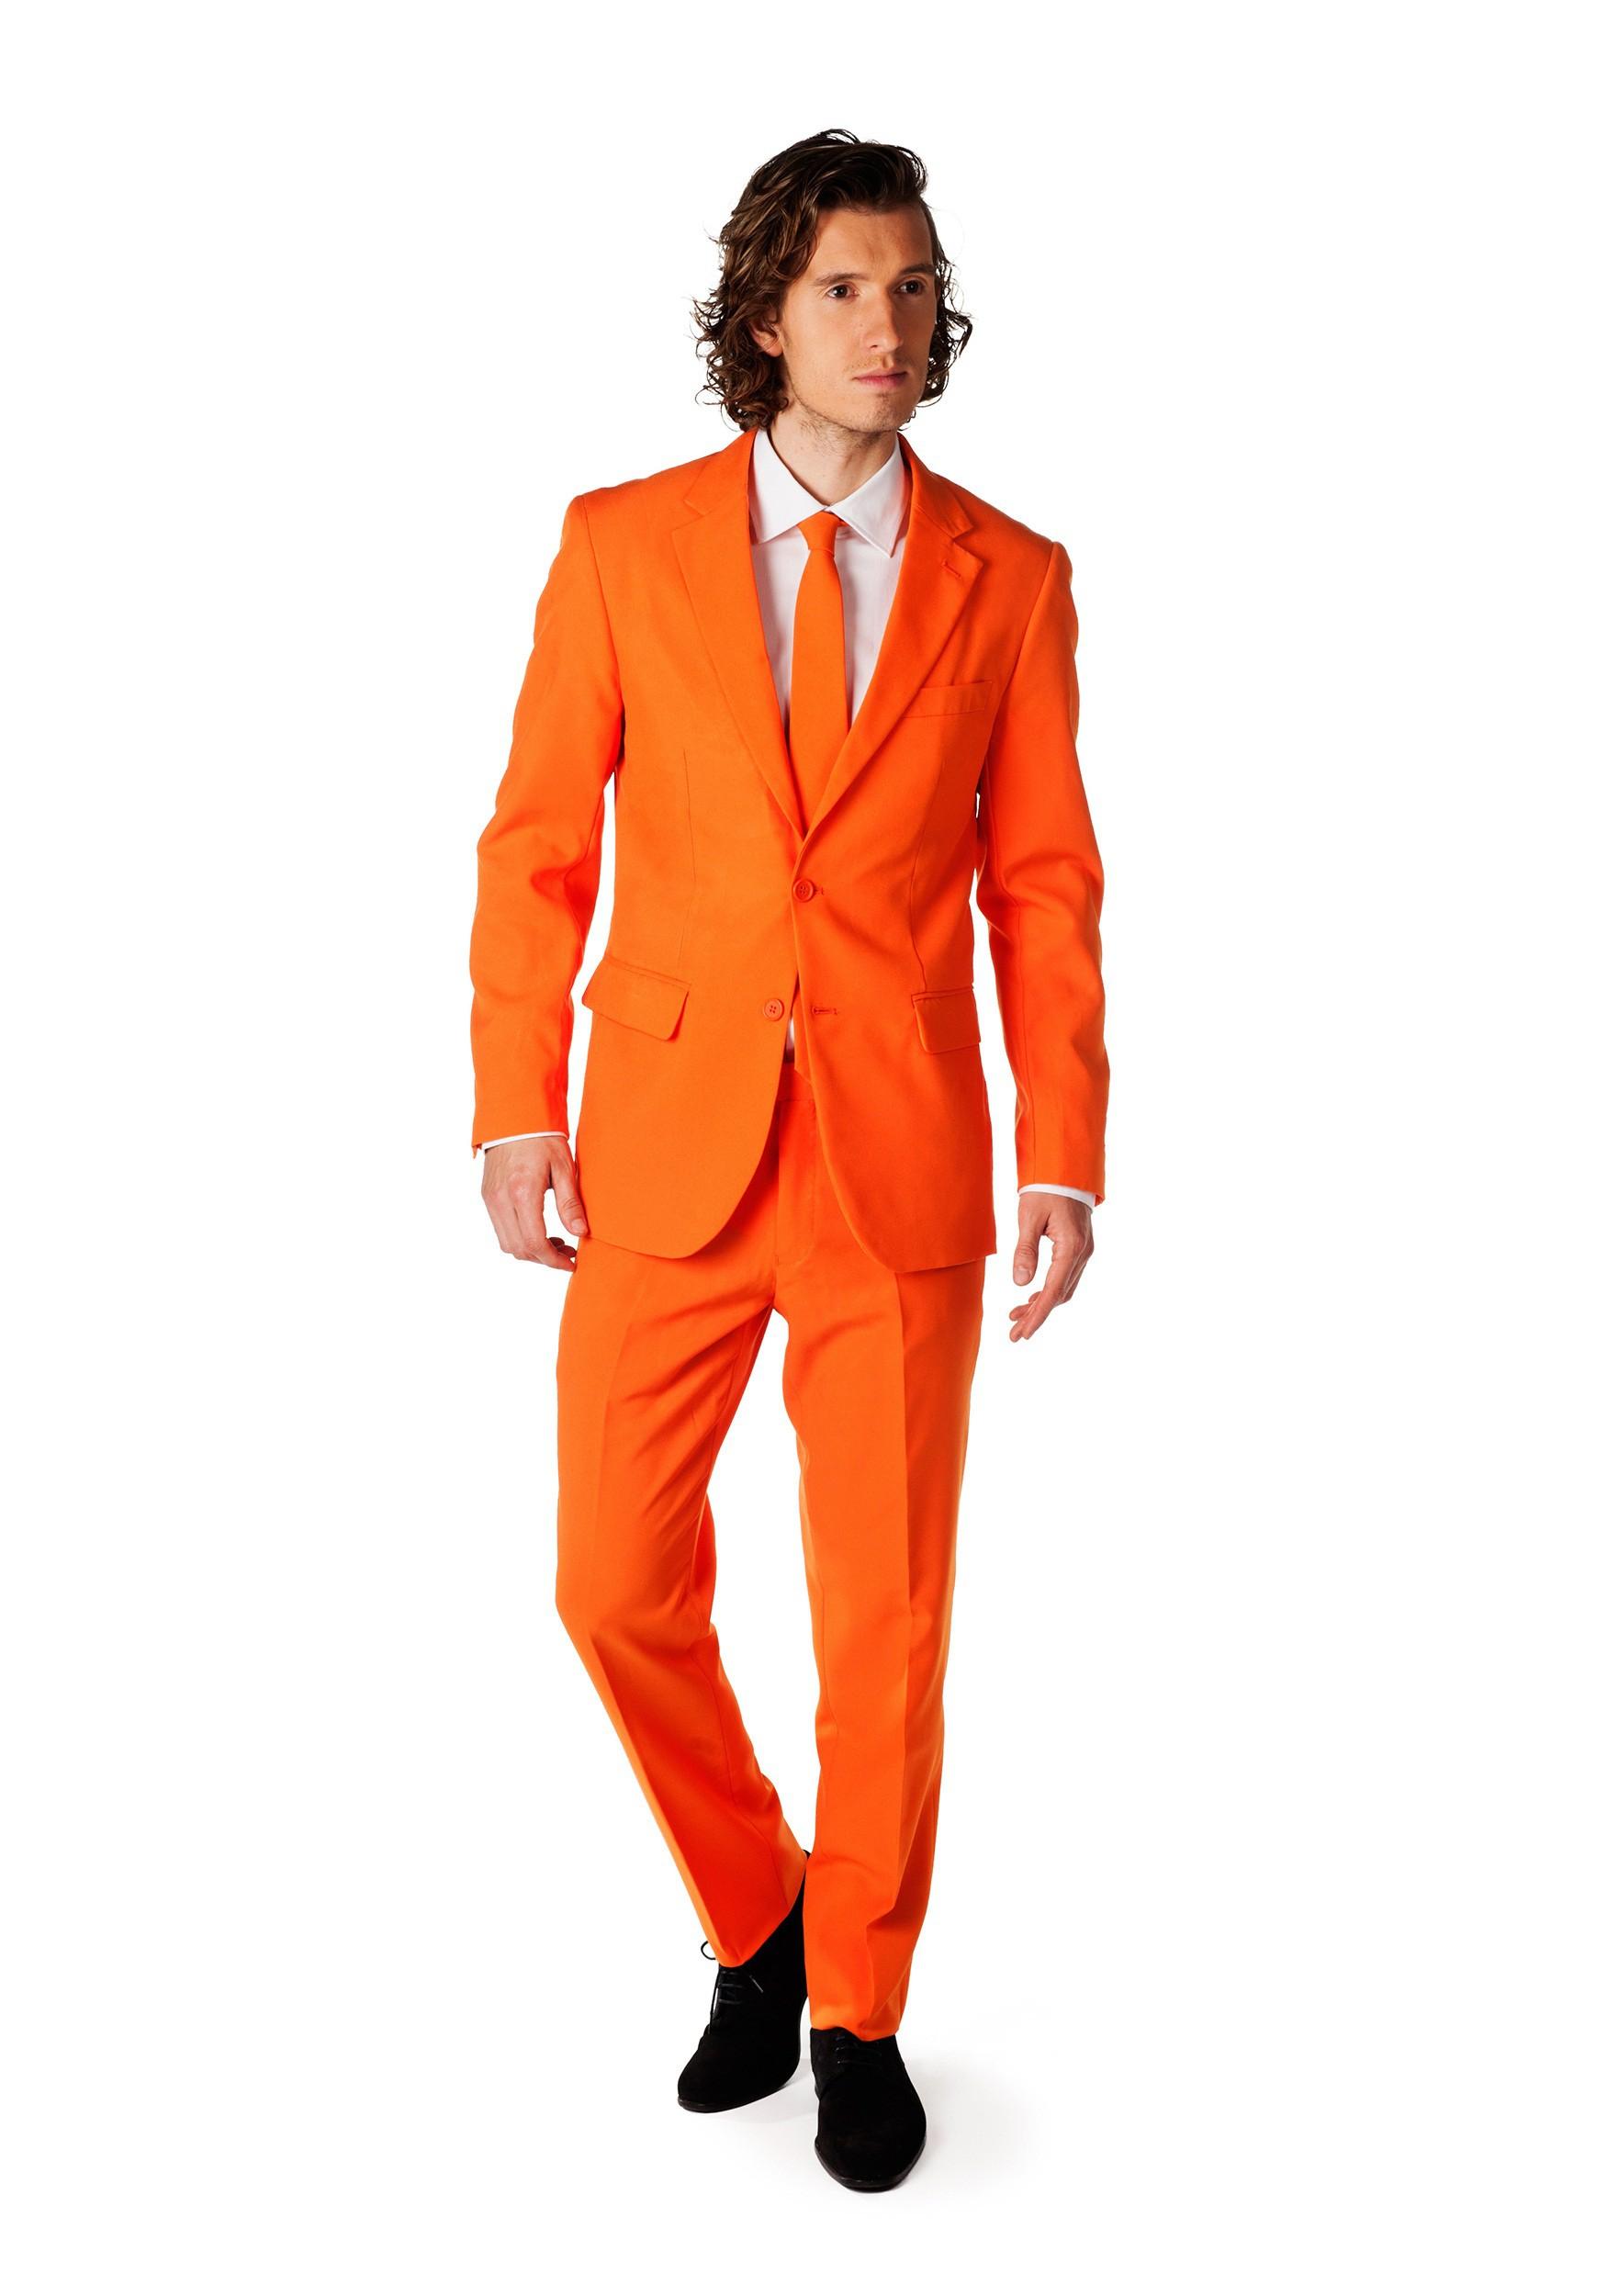 Men's OppoSuits Orange Costume Suit